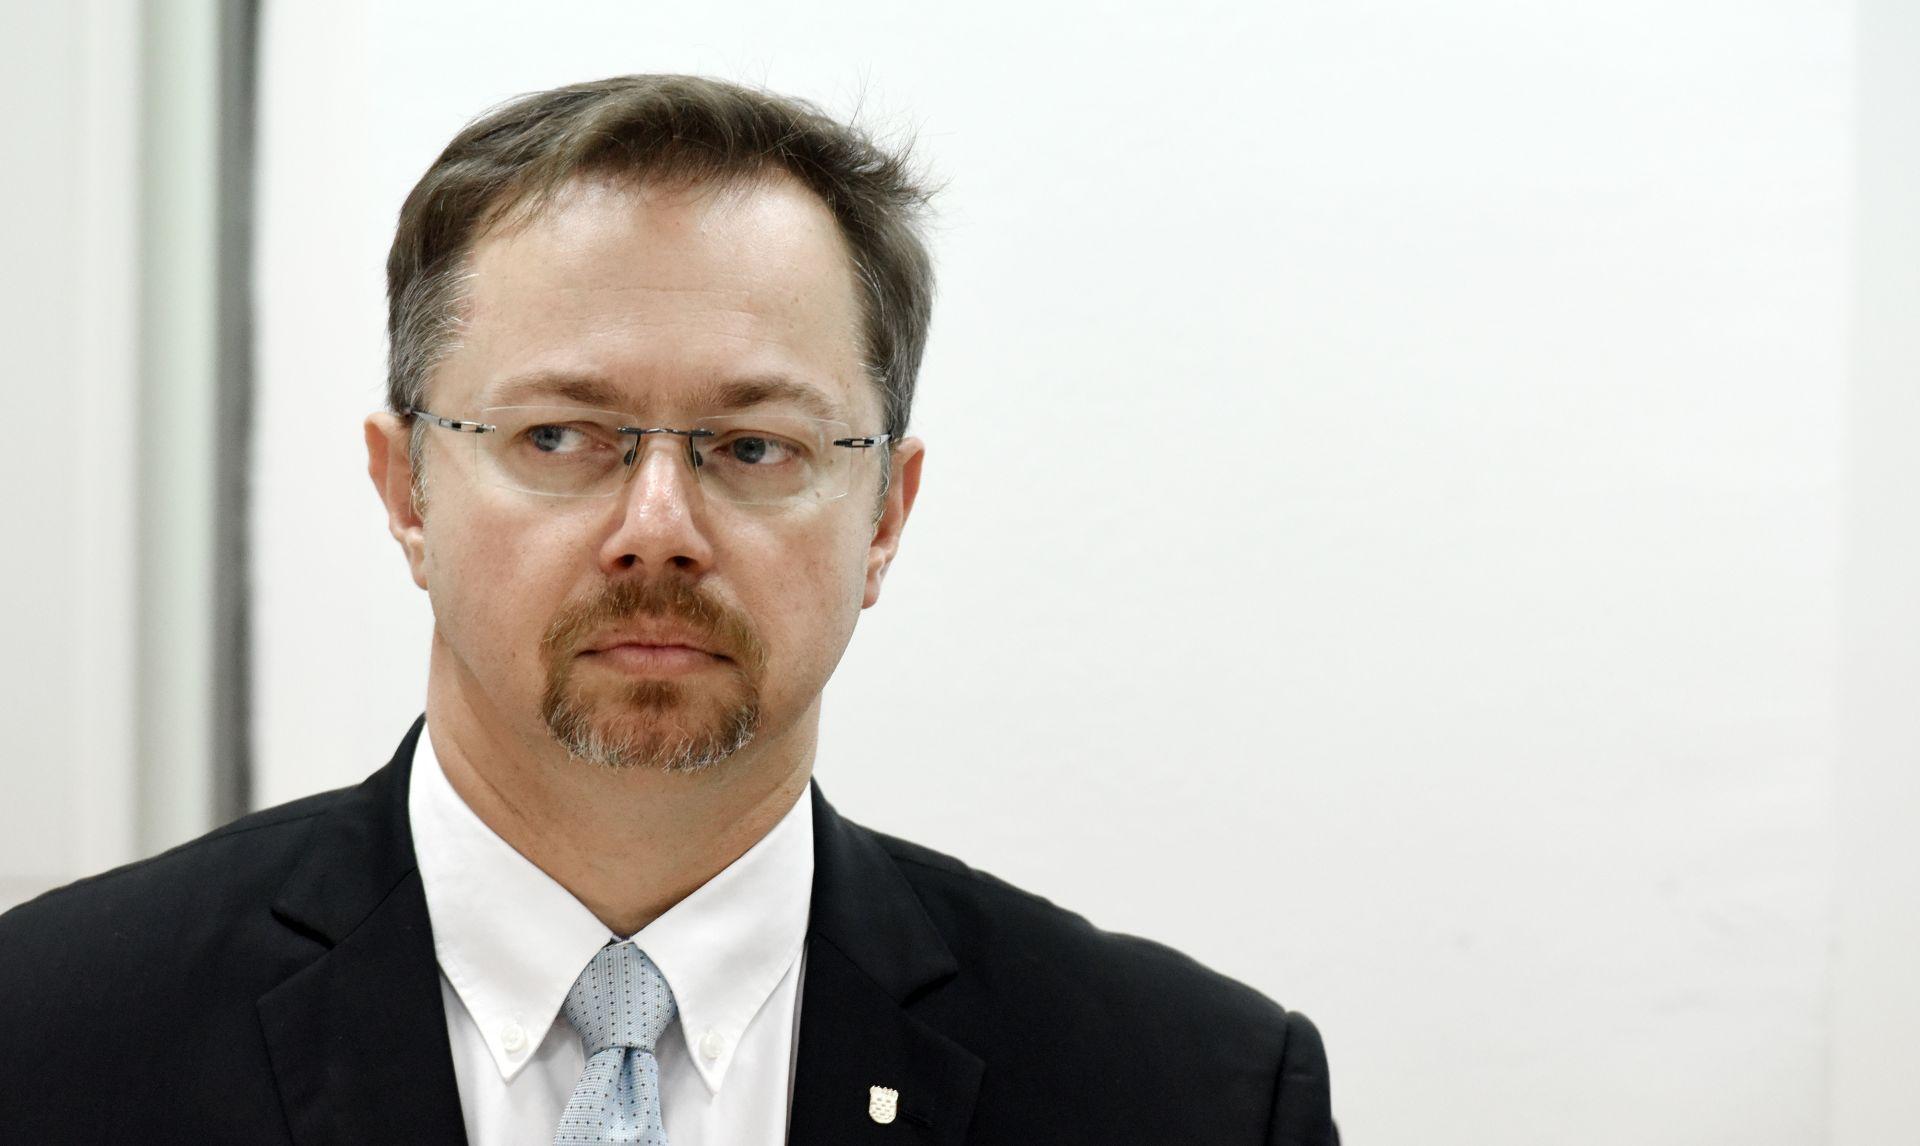 Ministarstvo zdravlja: Sigurno nećemo sklopiti štetan ugovor, financiranje iz Svjetske banke